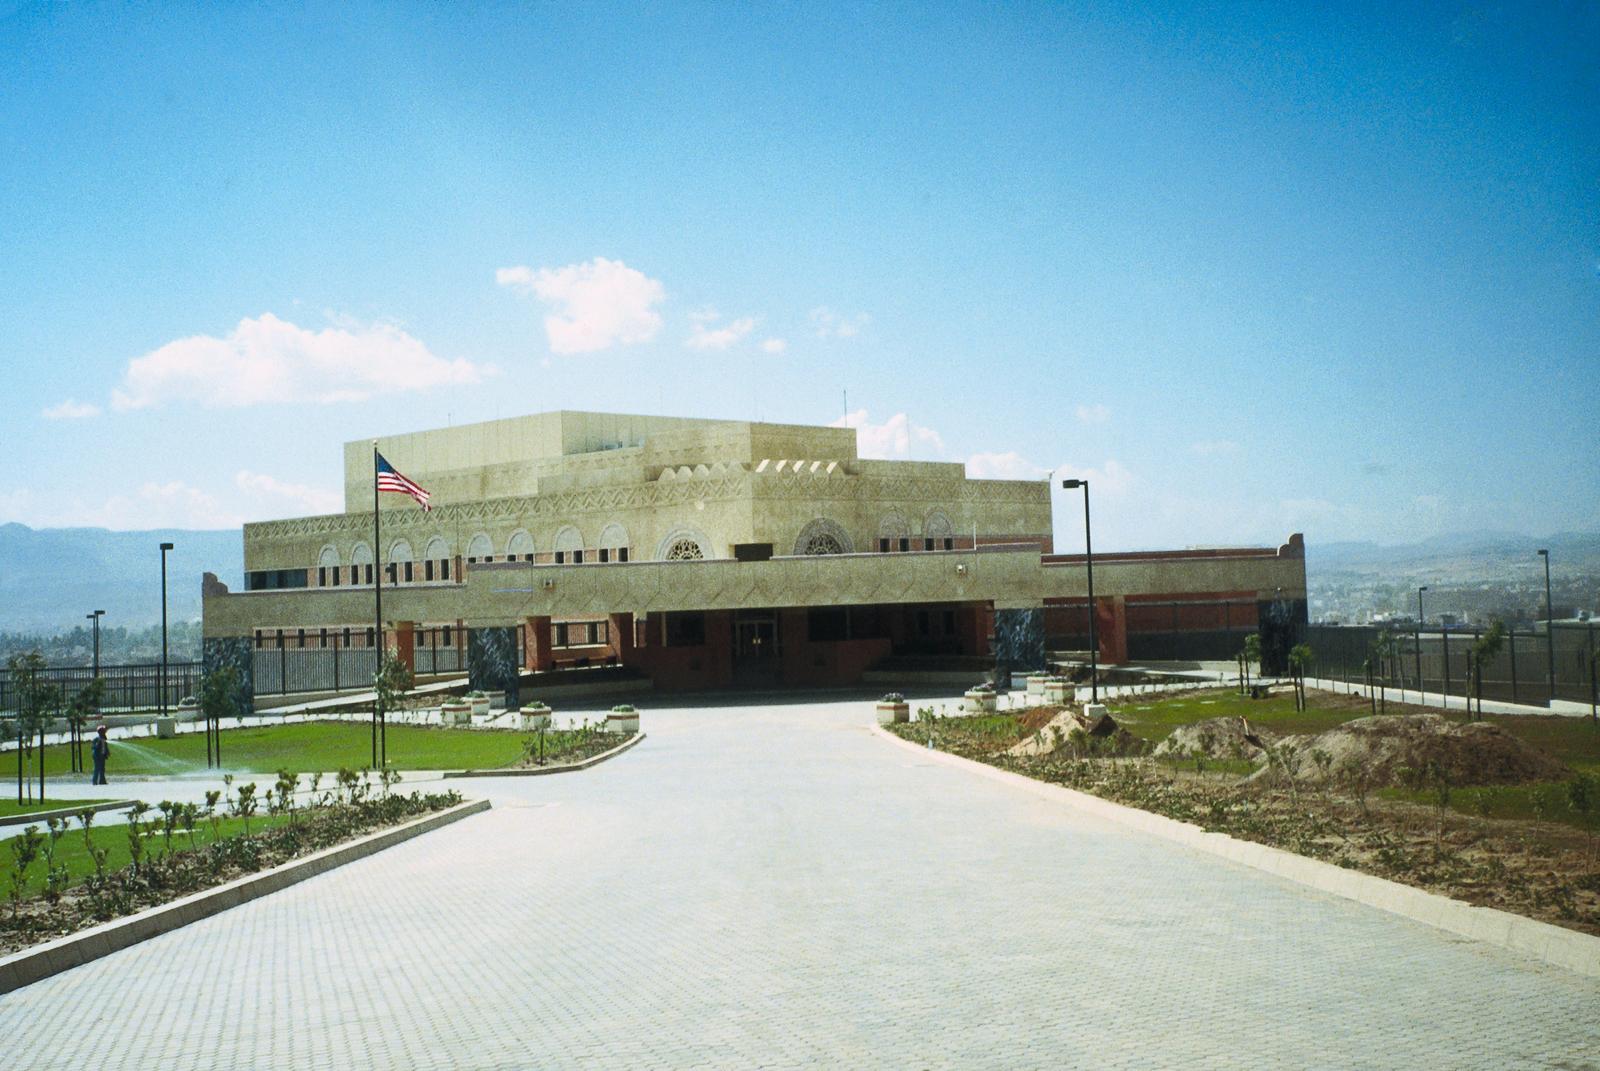 Sanaa - Chancery Office Building - 1990